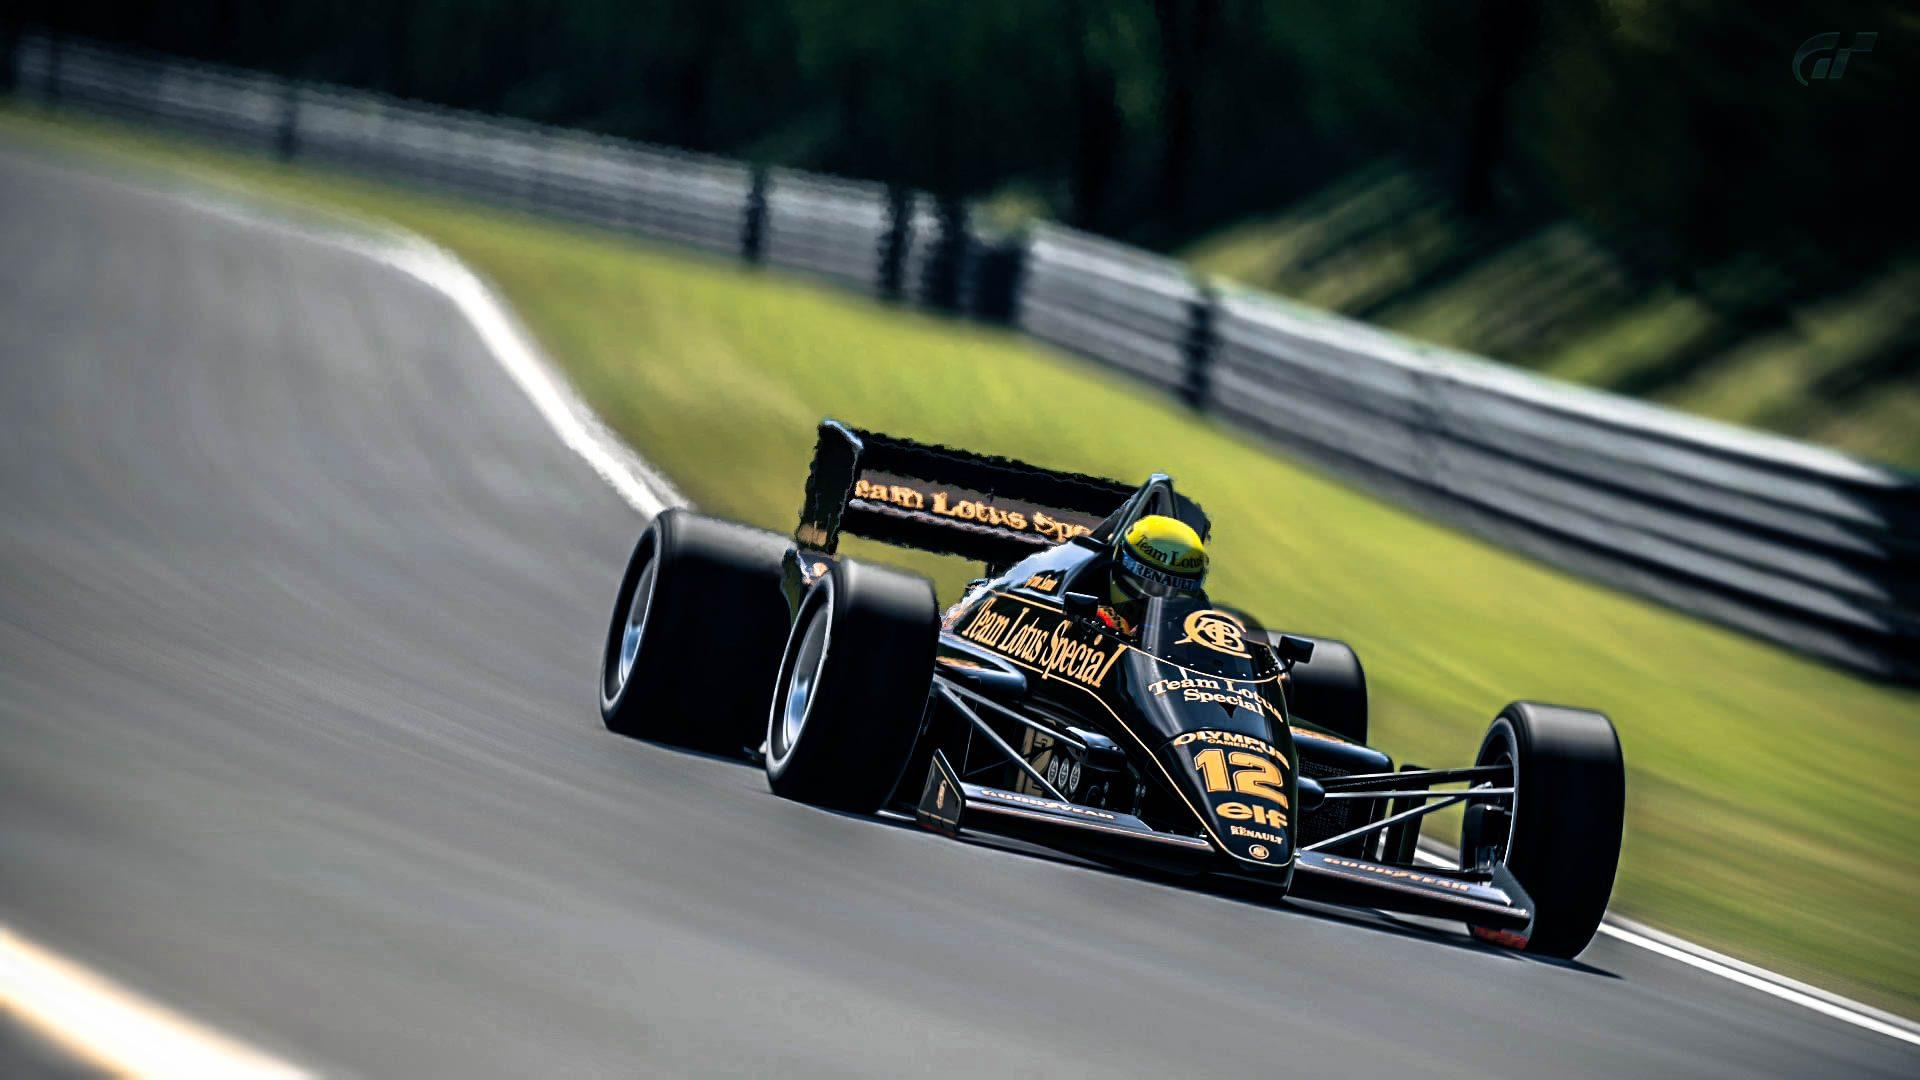 Senna_5.jpg